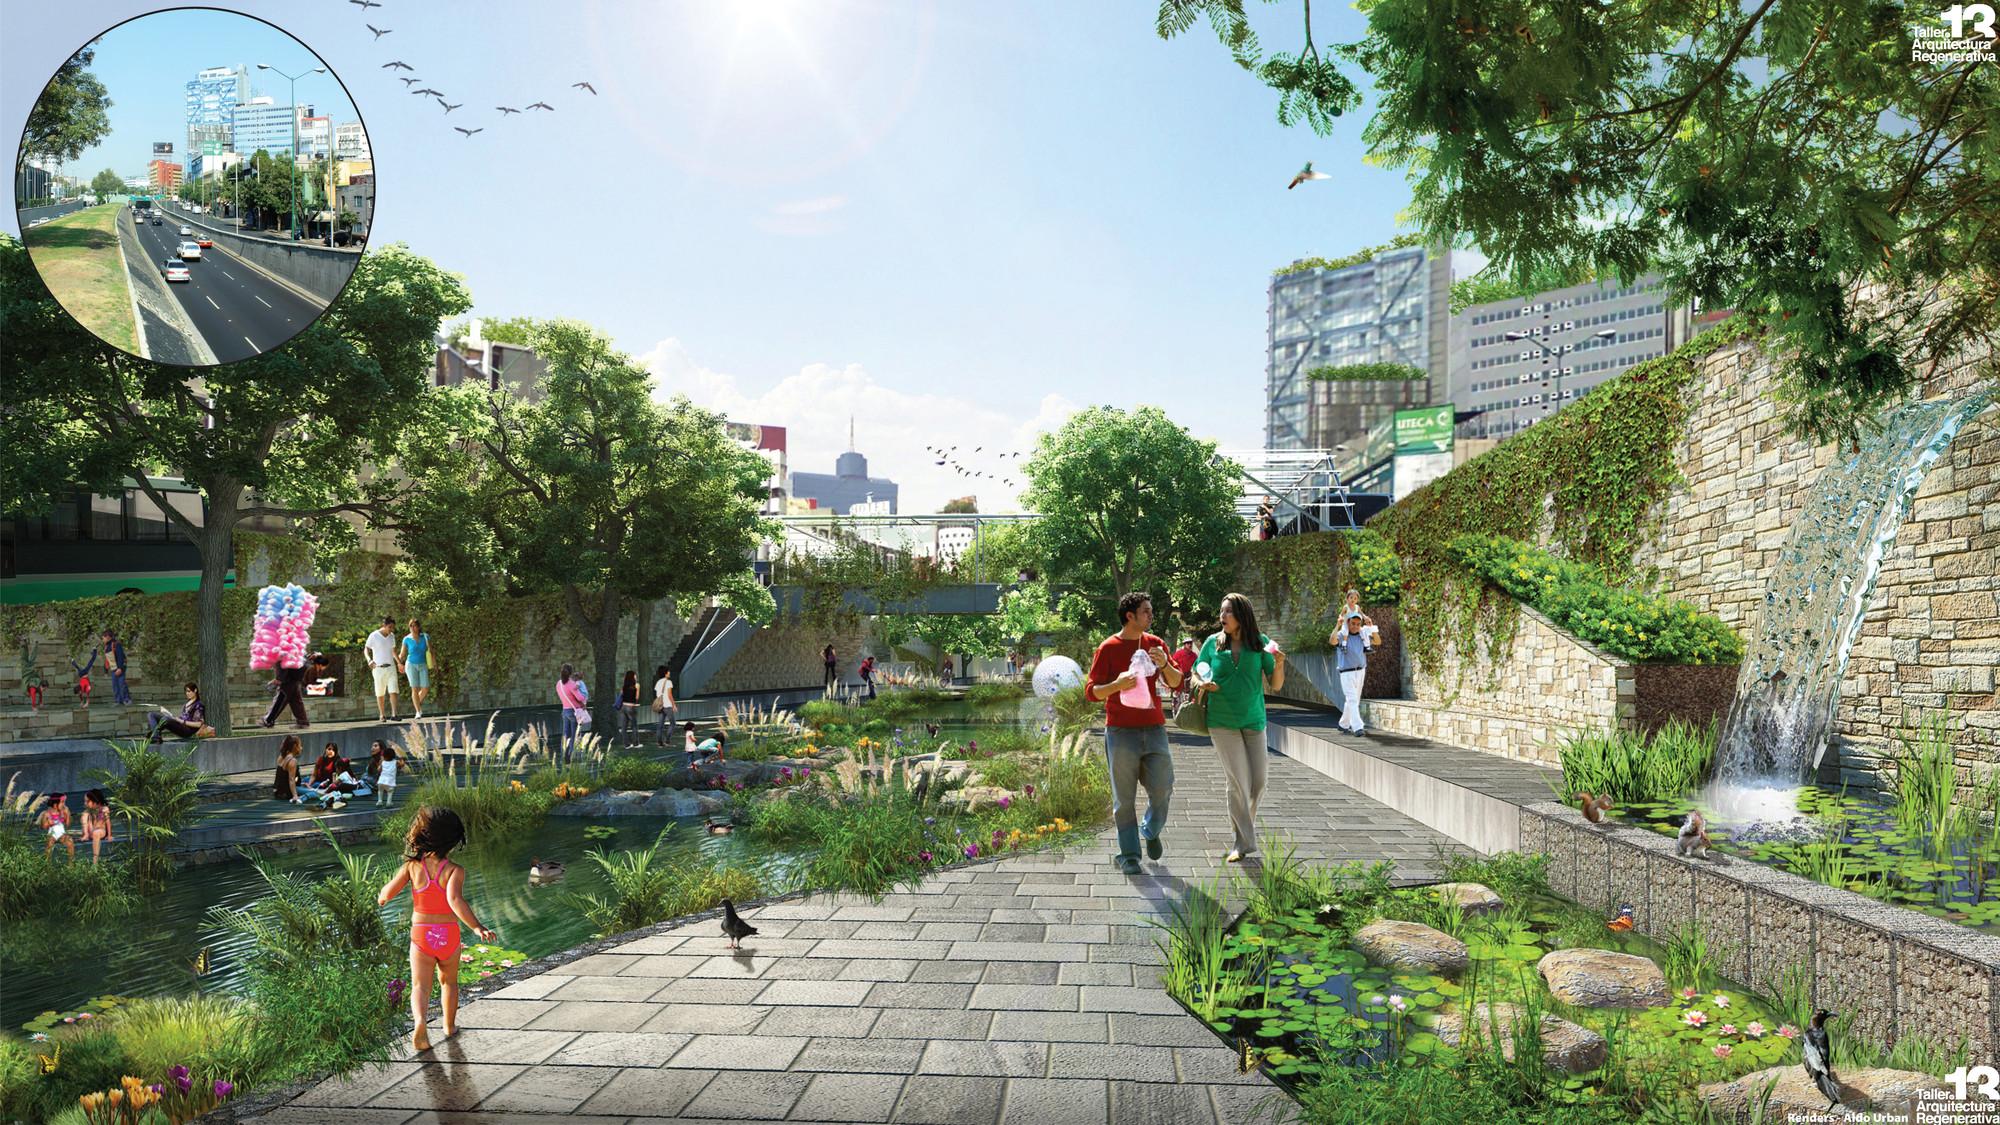 Río la Piedad, parque lineal. Image Courtesy of Taller 13 Arquitectura Regenerativa